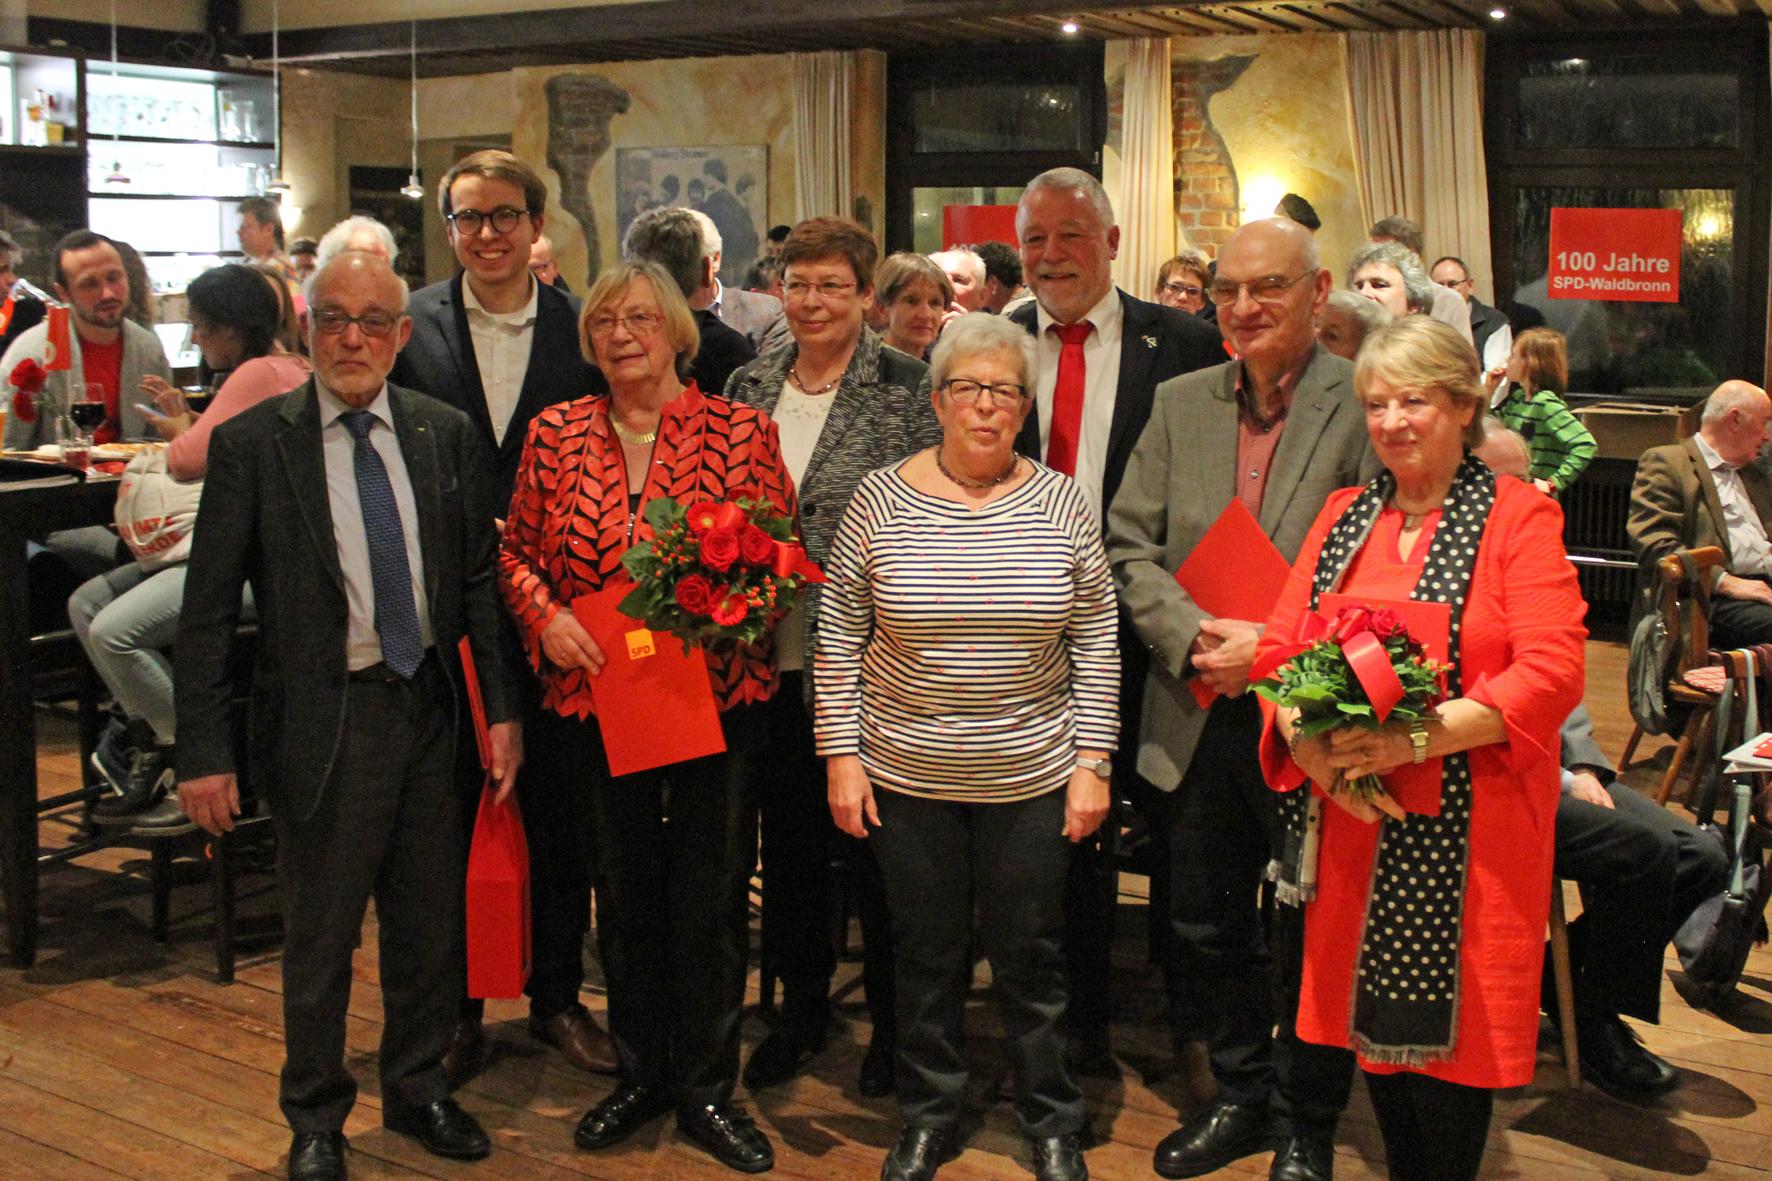 Die SPD ehrte vediente Mitglieder v.l.: Dr. Hans-Hermann Klumpp, Christian Holzer (Kreisvorsitzender), Birgit Klumpp, Gabriele Bitter (Ortsvorsitzende), Helga Müller, Bürgermeister Franz Masinio, Dr.Wolfgang Martin und Marianne Müller.